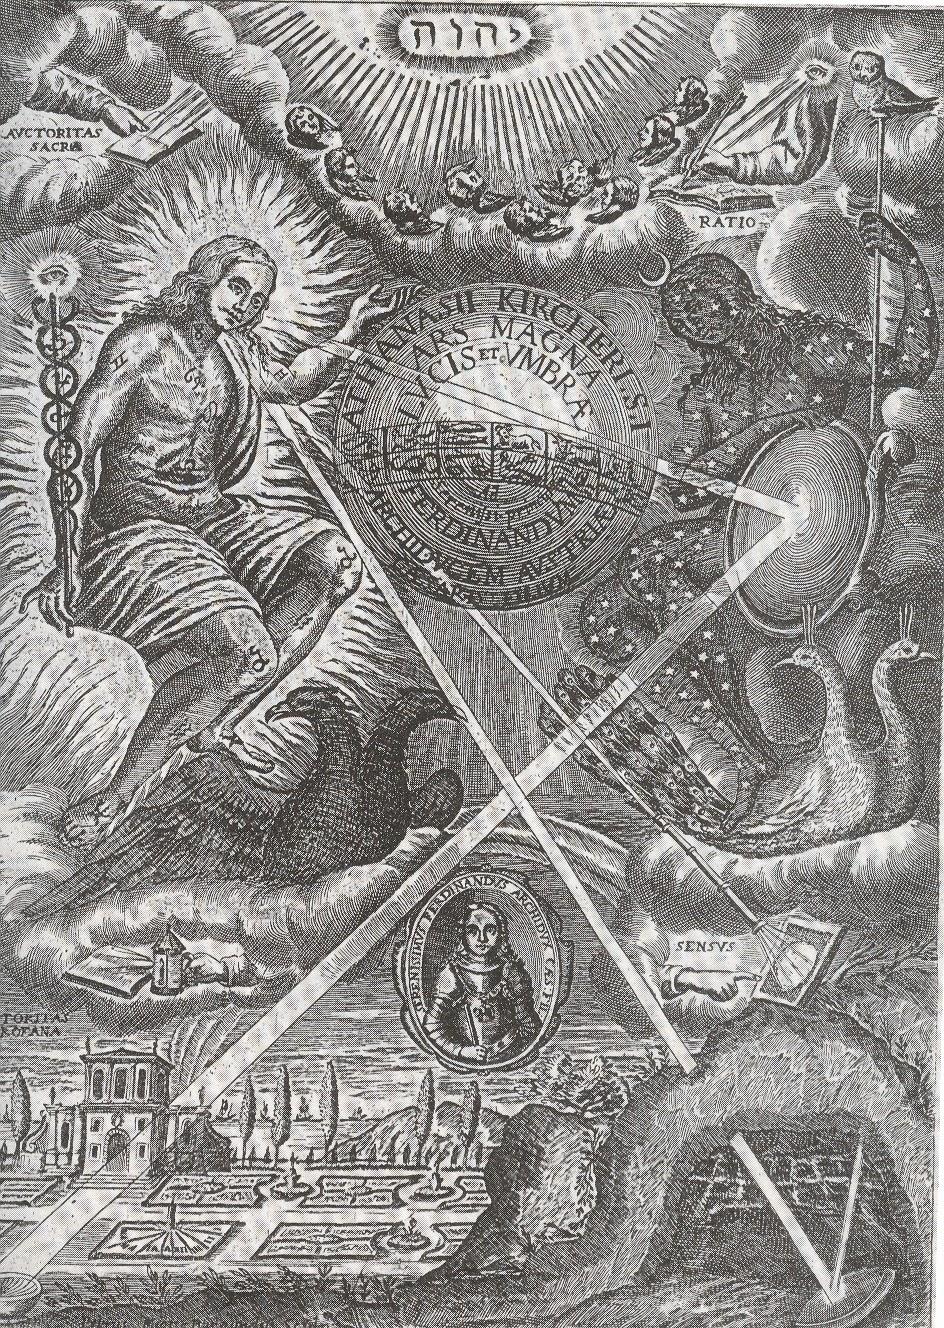 Athanasius Kircher, 1671 - Ars magna lucis et umbrae